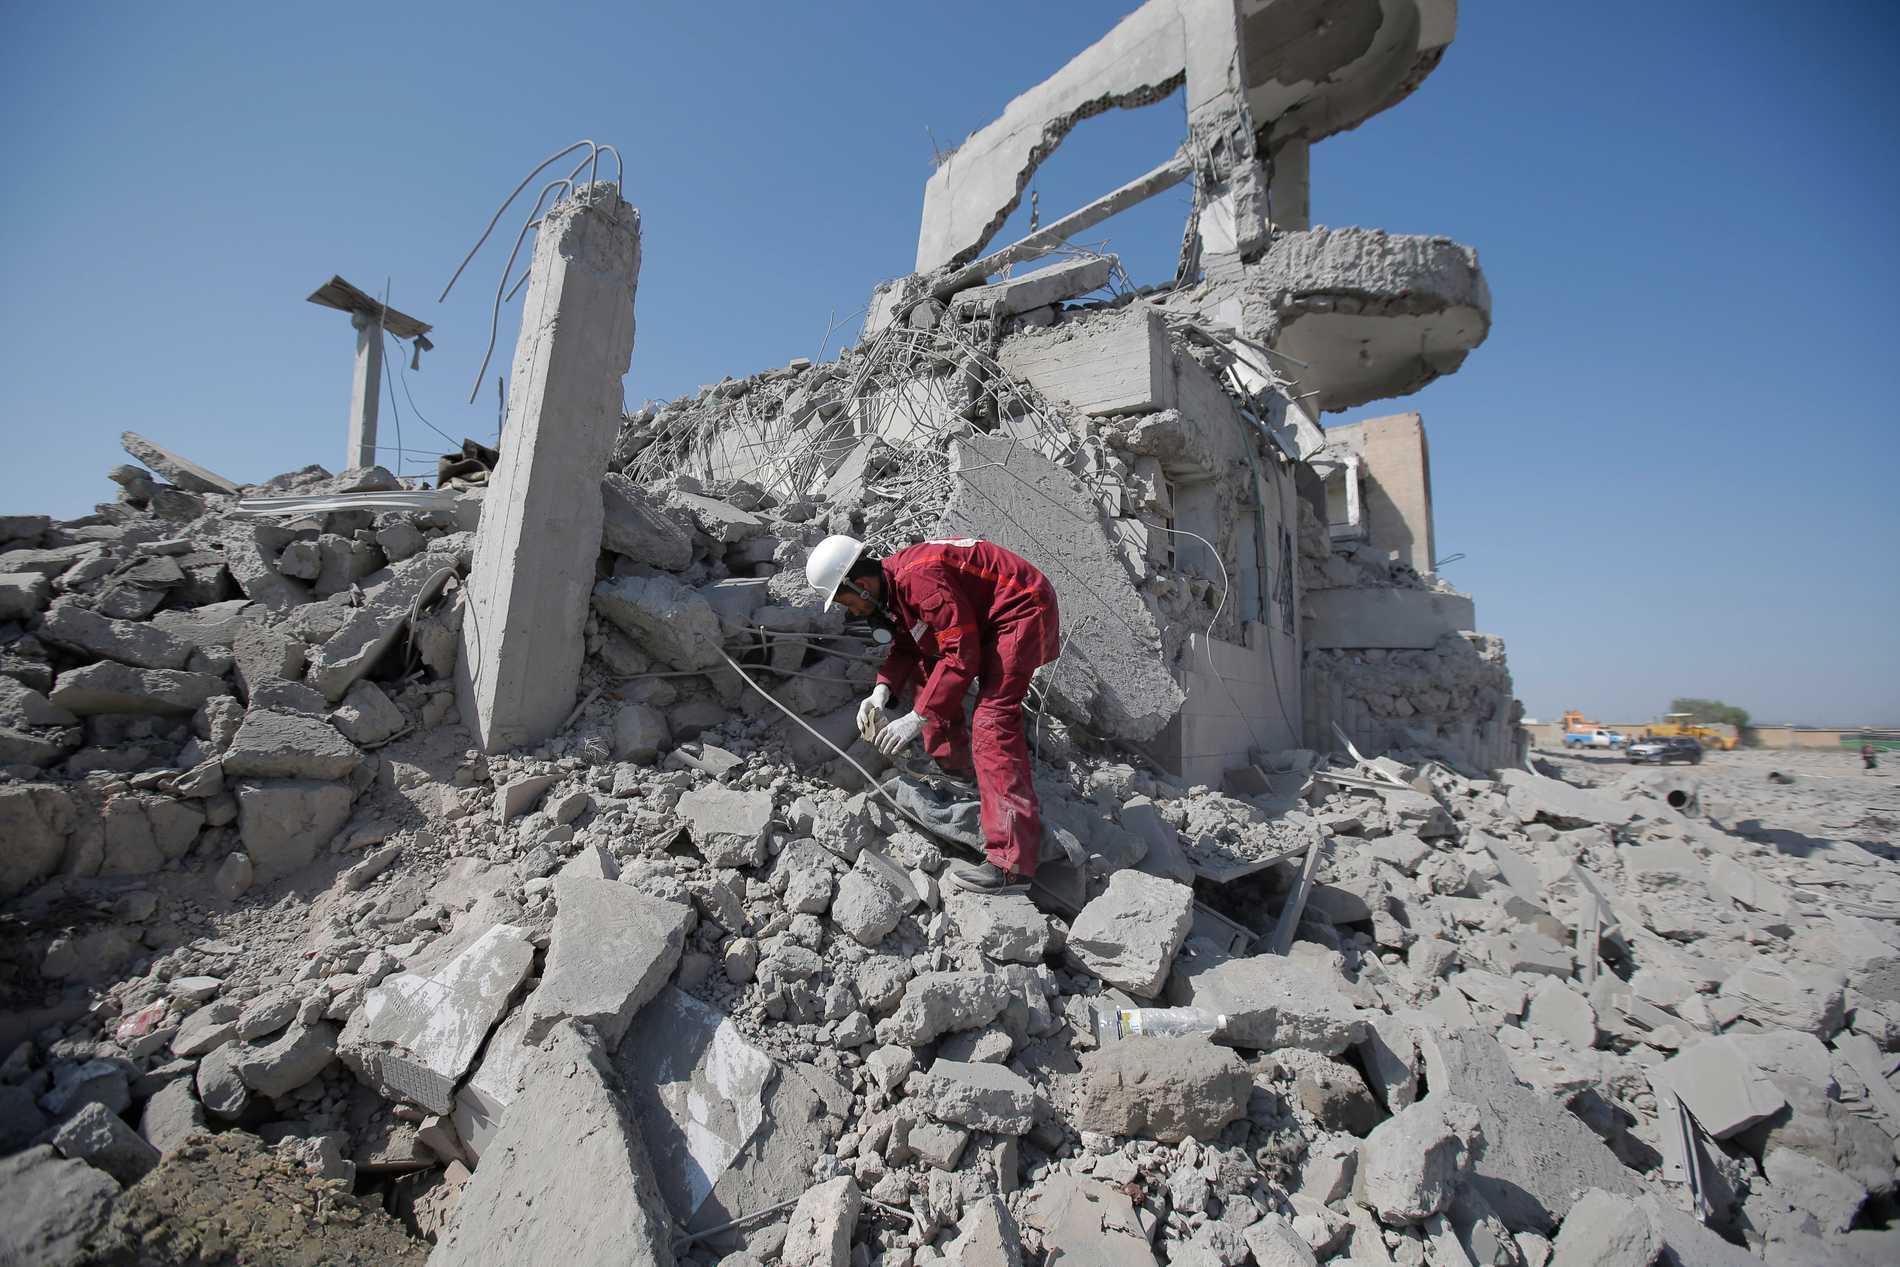 En räddningsarbetare letar överlevande i ruinerna efter en saudisk-ledd flygbombning i Jemen. Arkivbild.